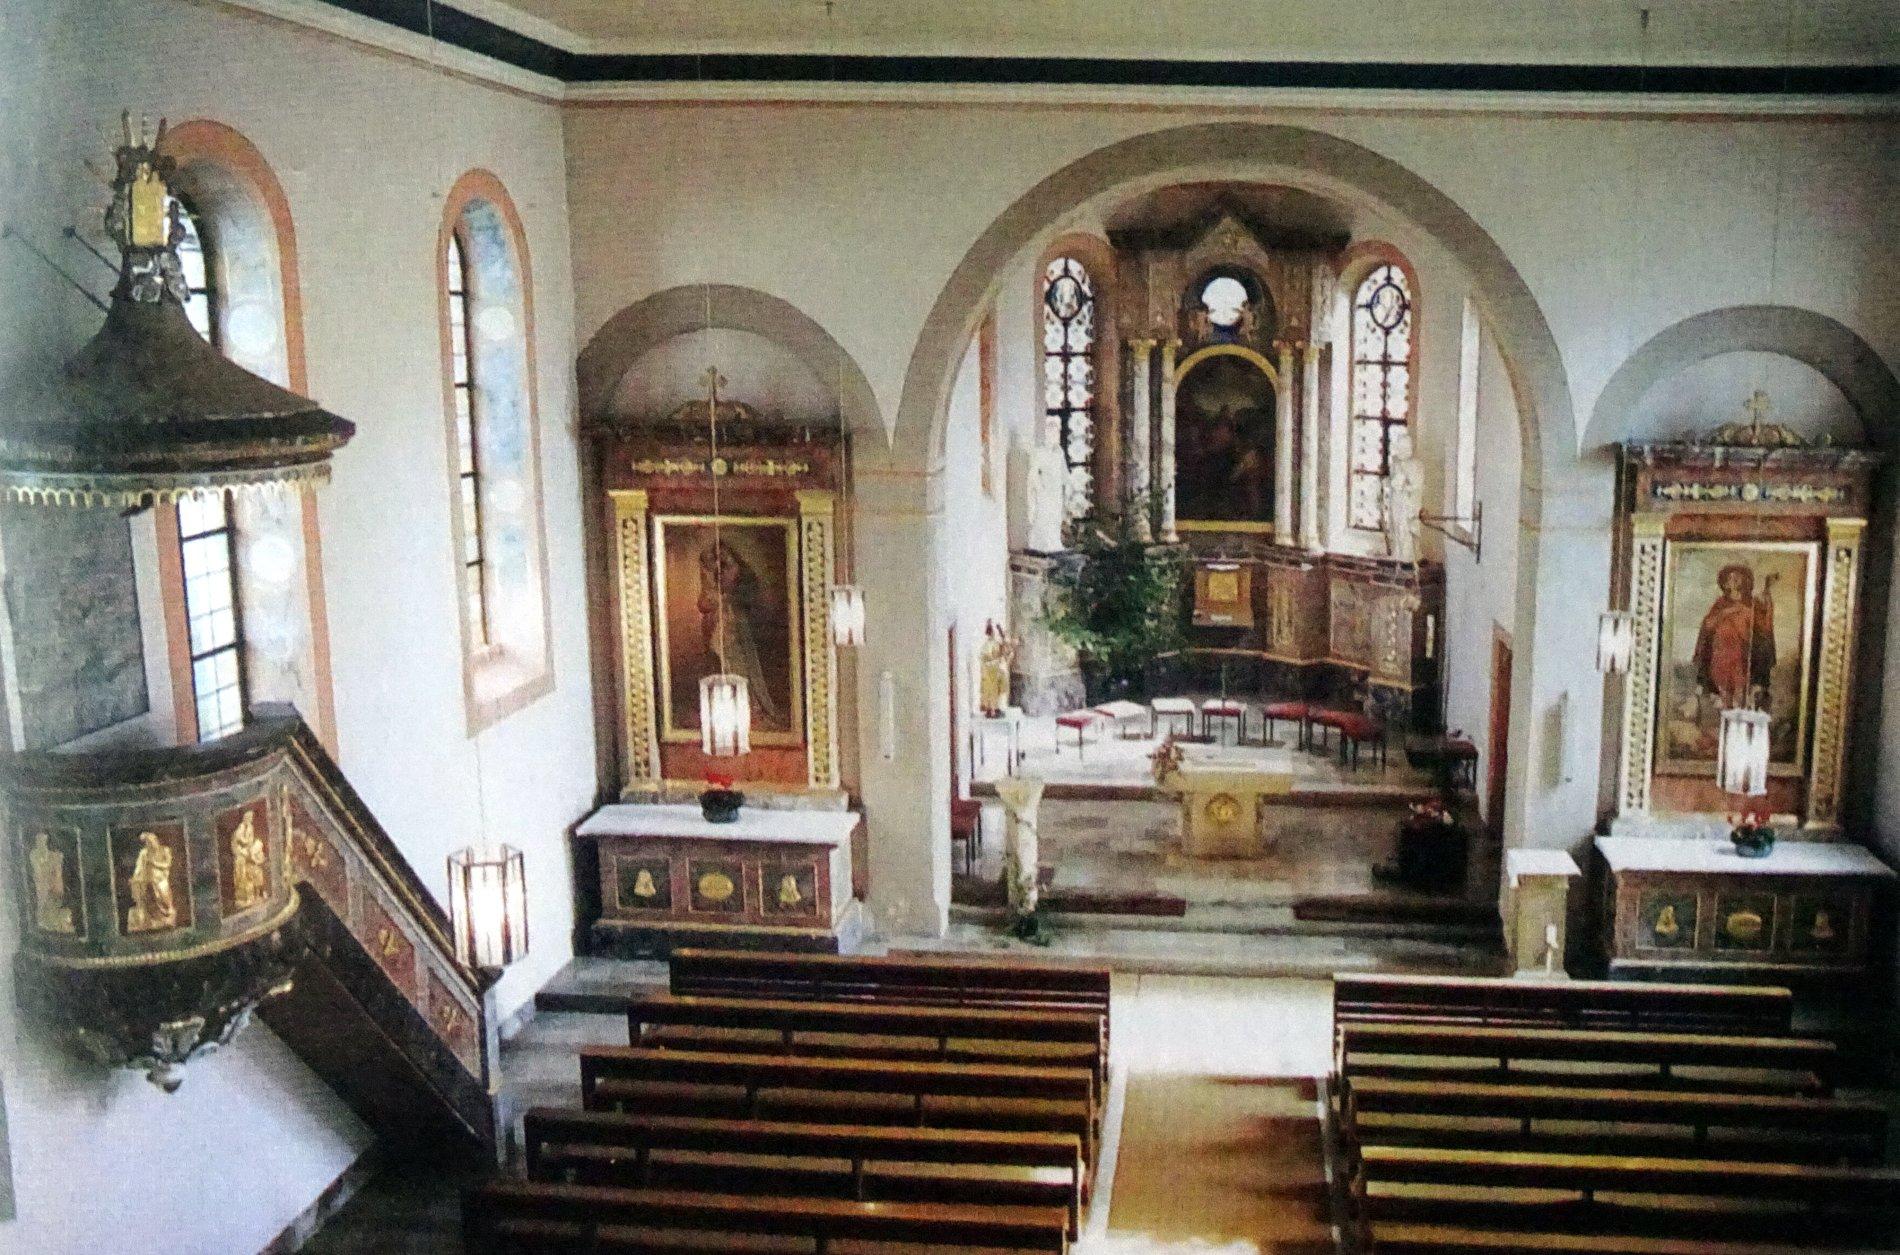 Zu Sehen ist die Kirche St. Peter und Paul von innen